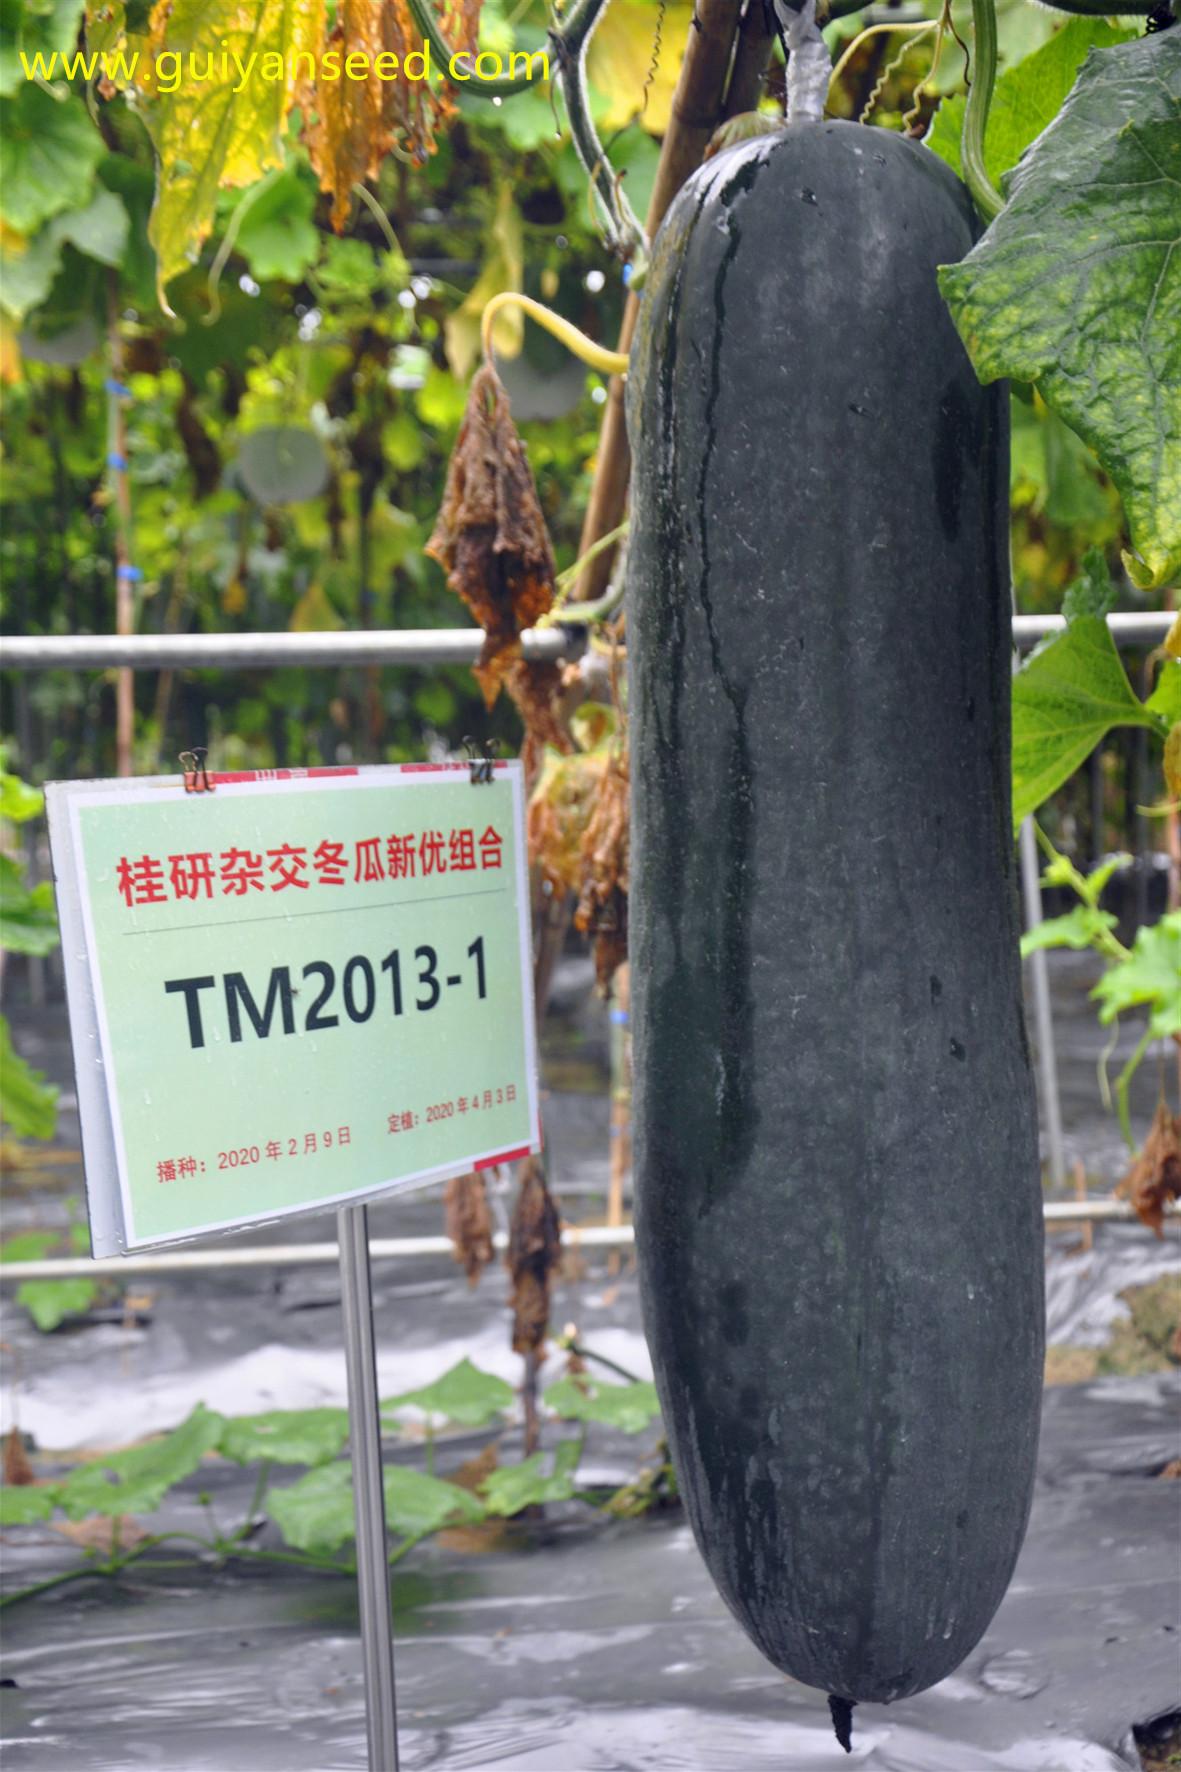 TM2013-1杂交冬瓜的田间表现